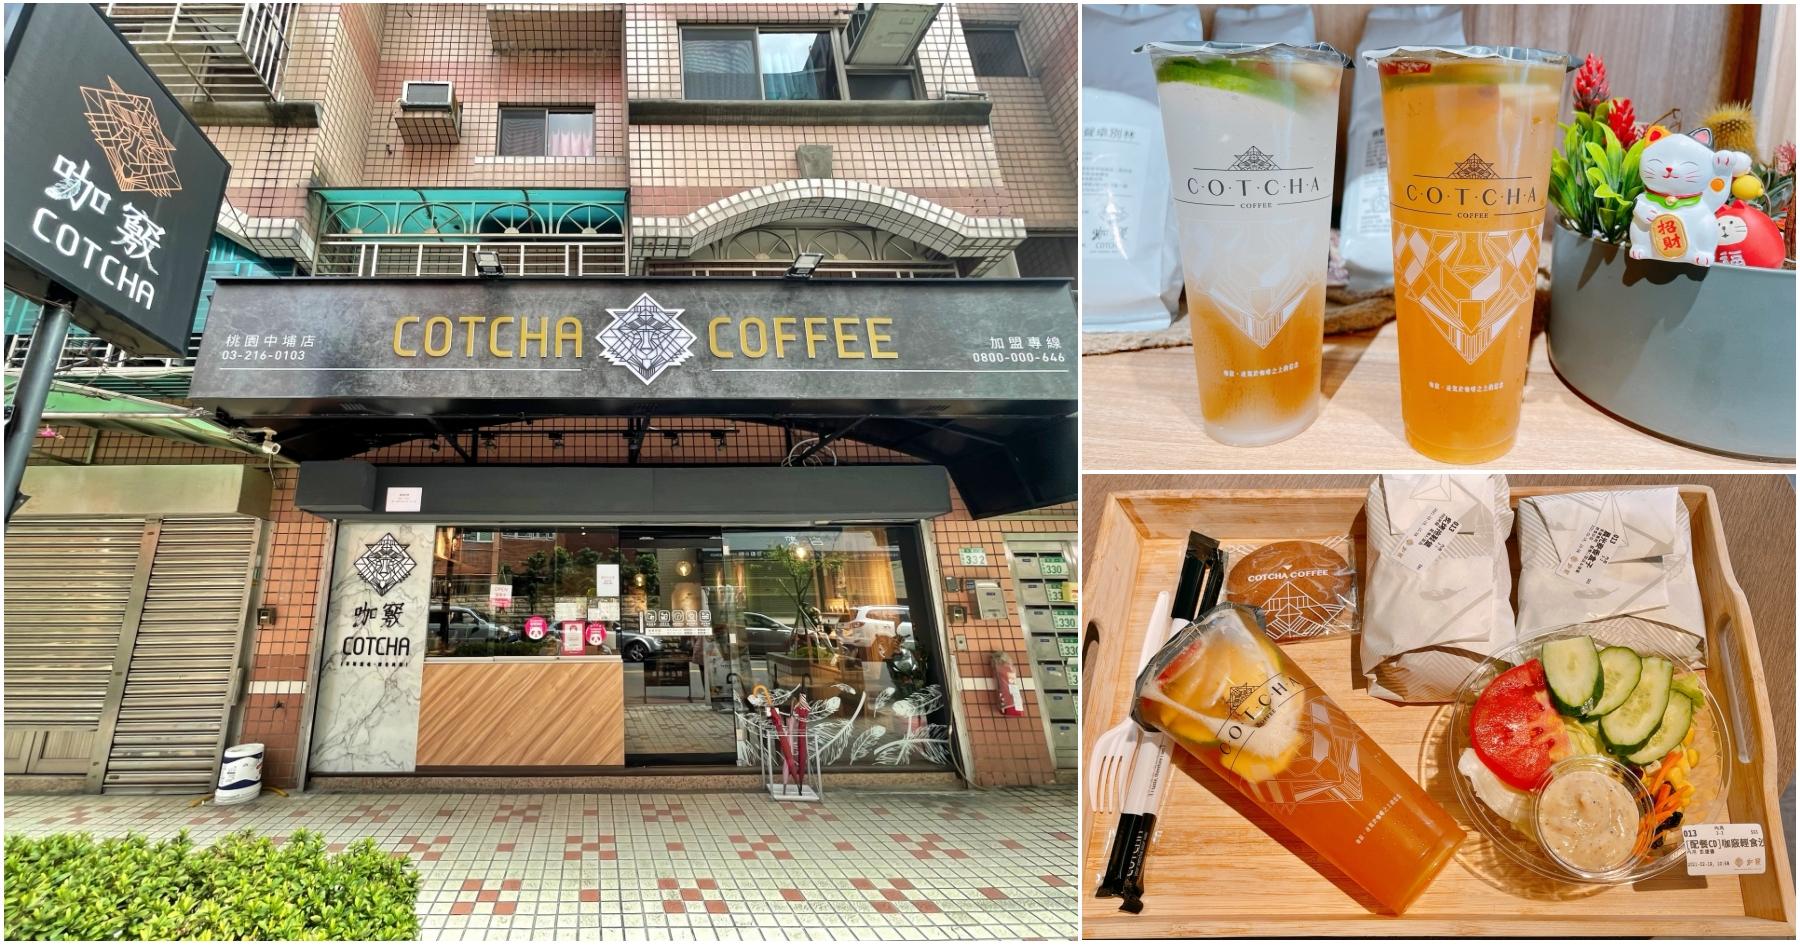 最新推播訊息:桃園美食]咖竅Cotcha Coffee-桃園中埔店|輕食飲品銅板價~內用空間可以小憩休息的好地方